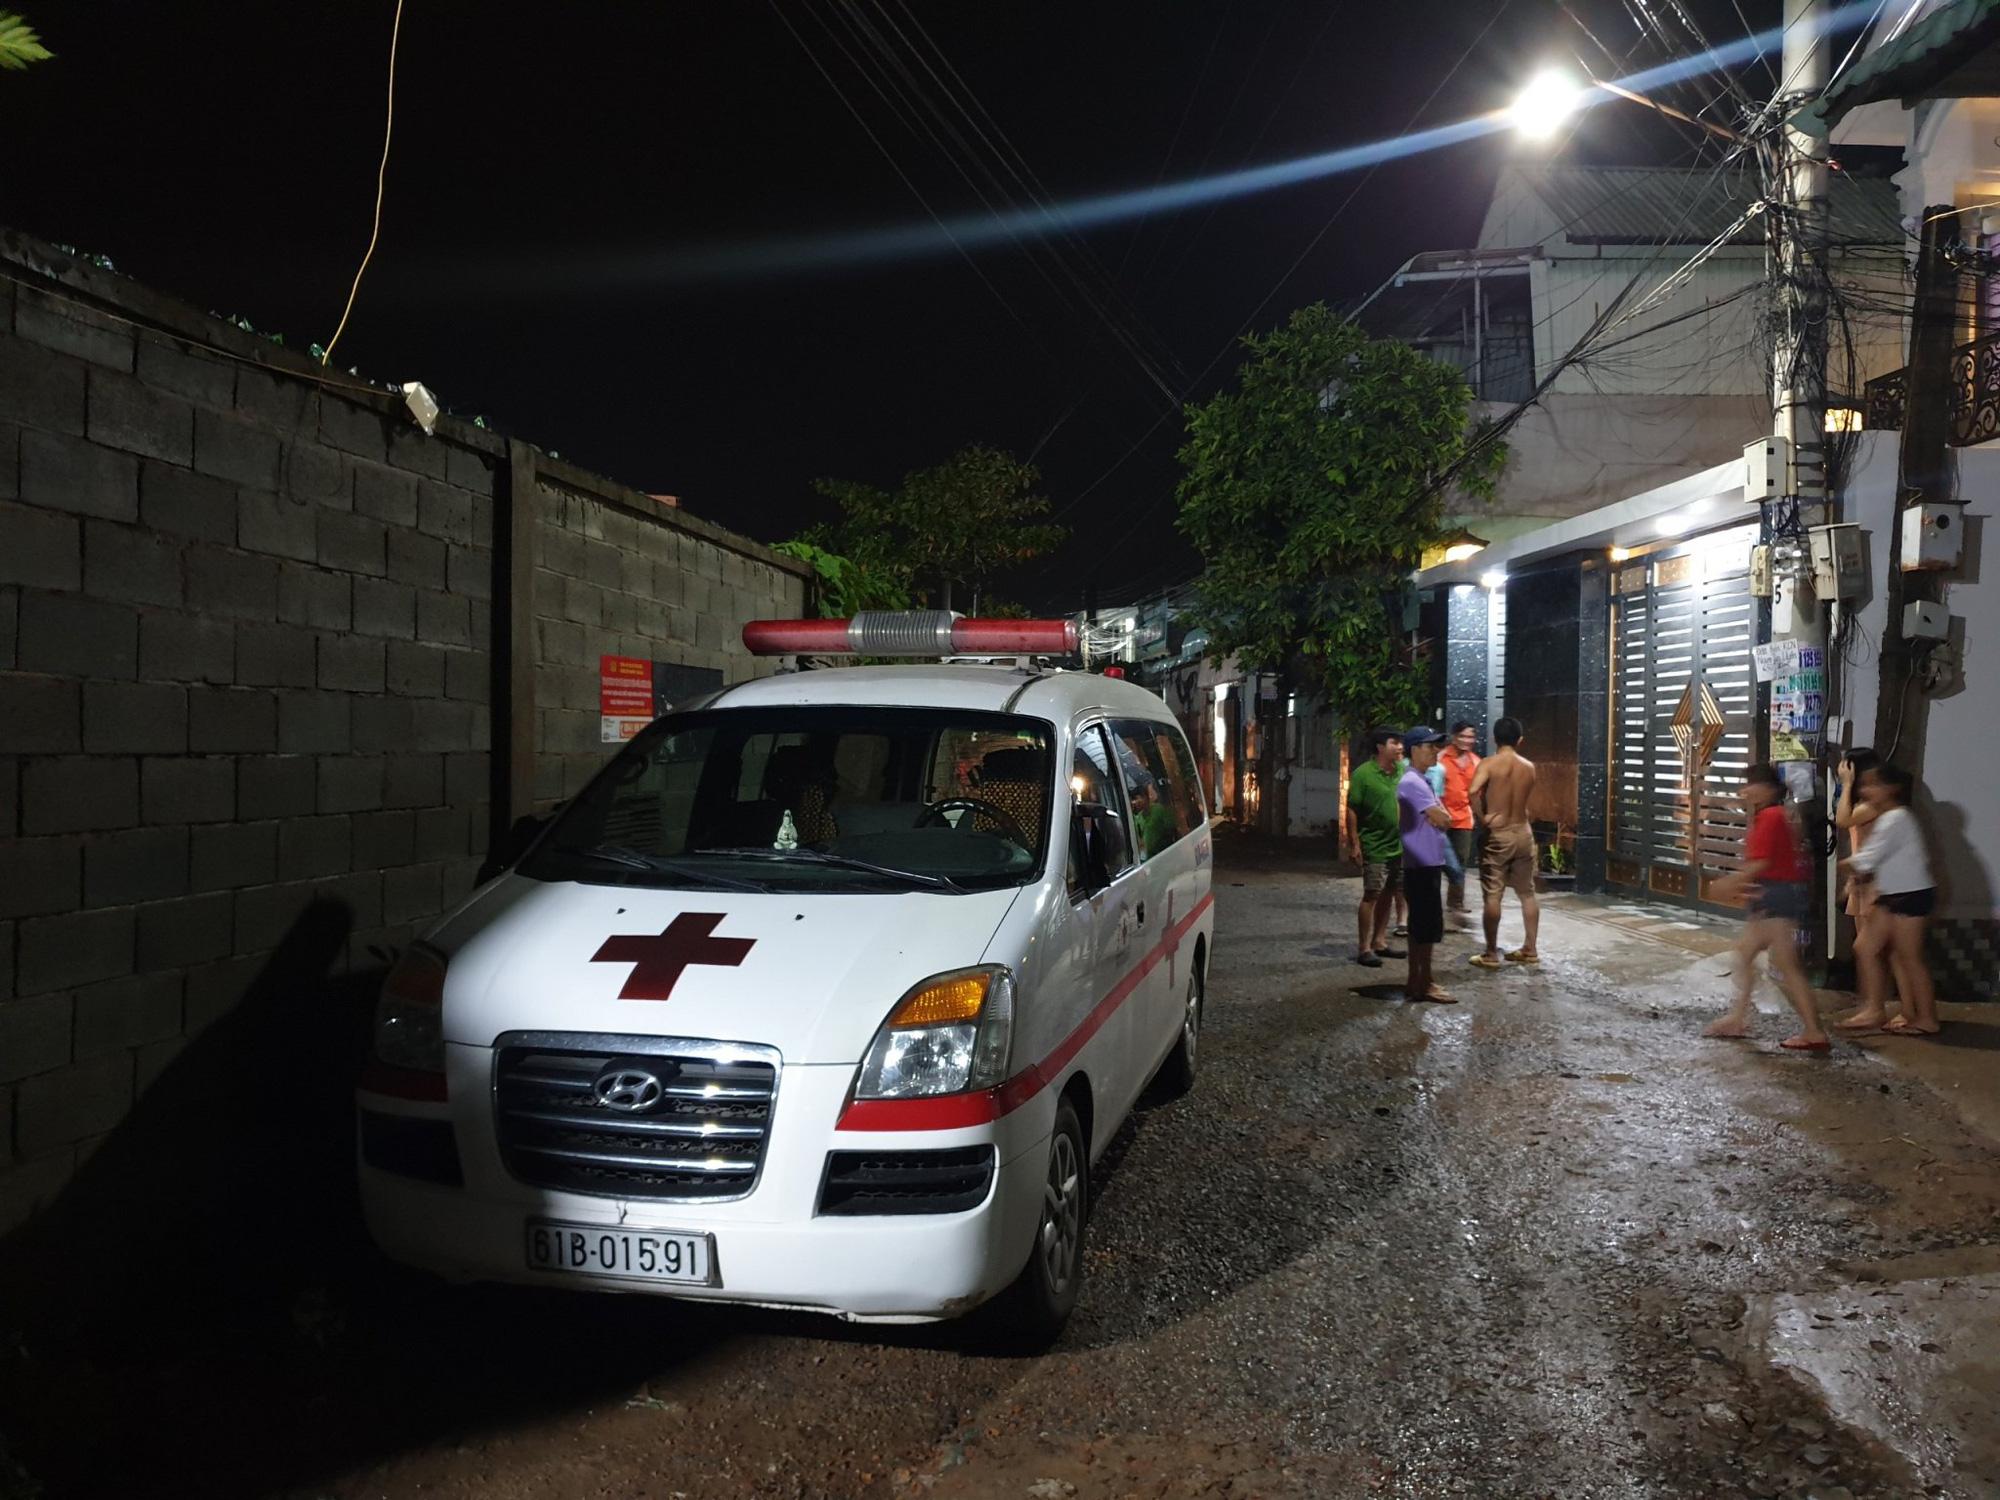 Trắng đêm tìm kiếm nhưng bé trai 4 tuổi bị nước dưới mương cuốn đi giữa trời mưa lớn vẫn biệt tăm - Ảnh 4.